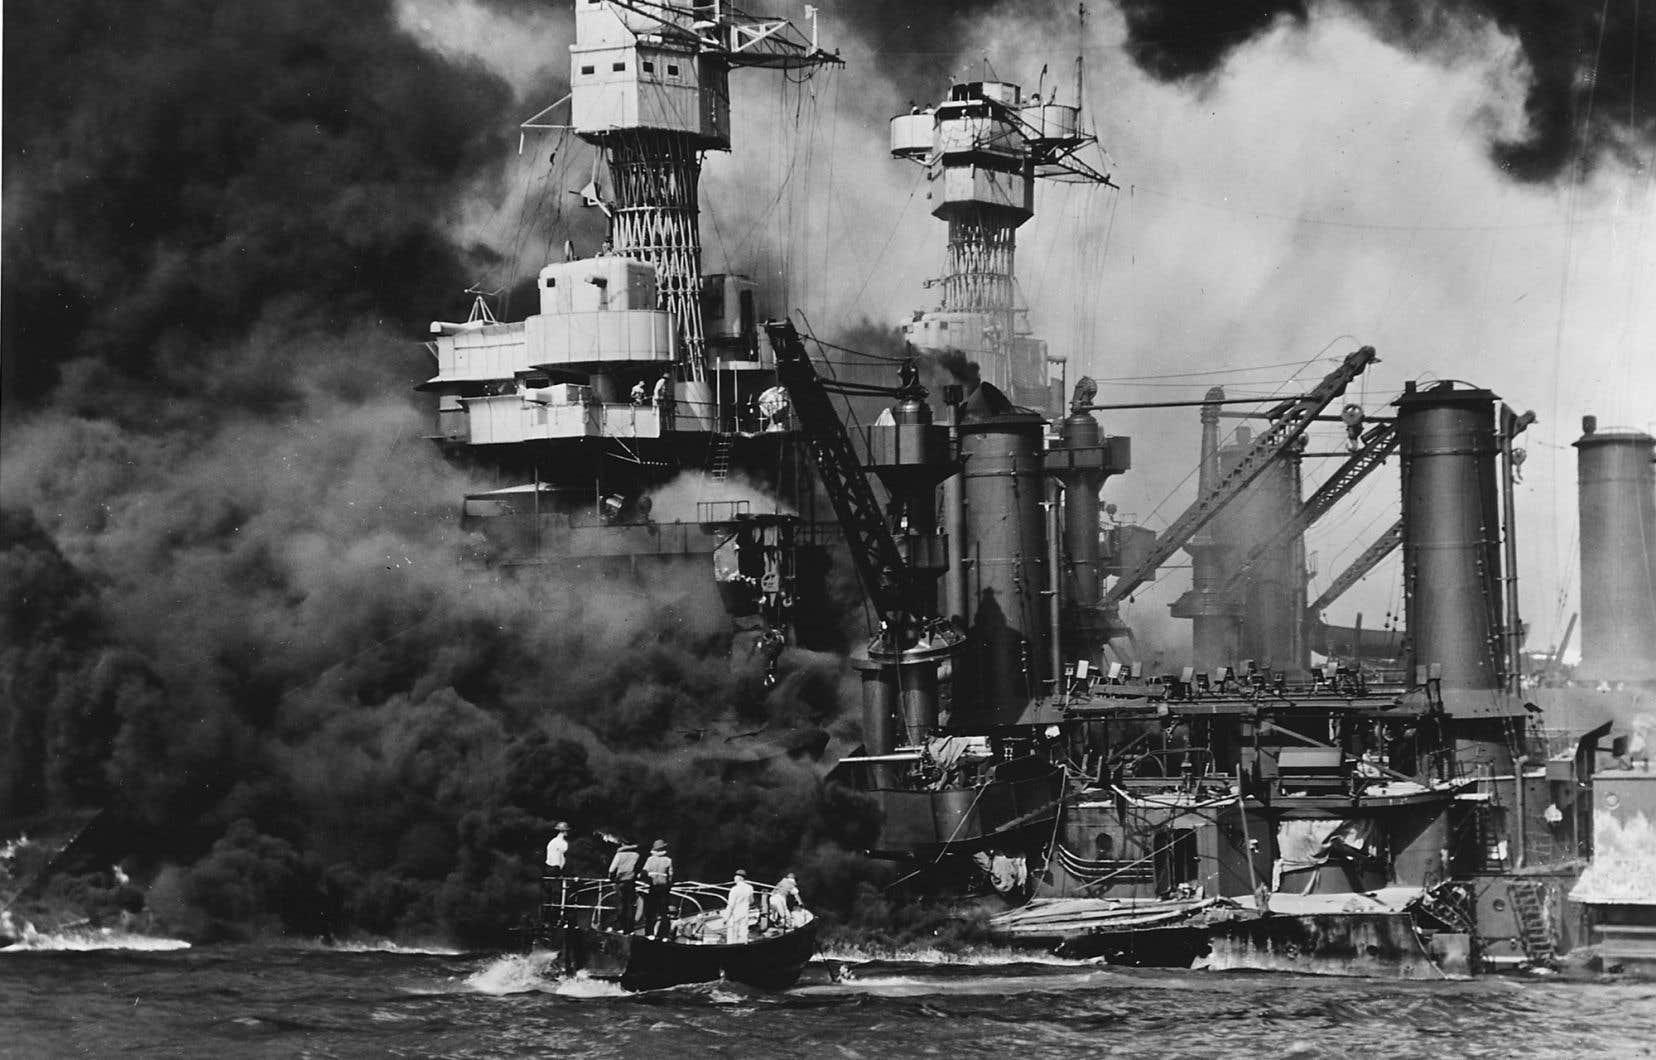 L'attaque contre la base militaire de Pearl Harbor